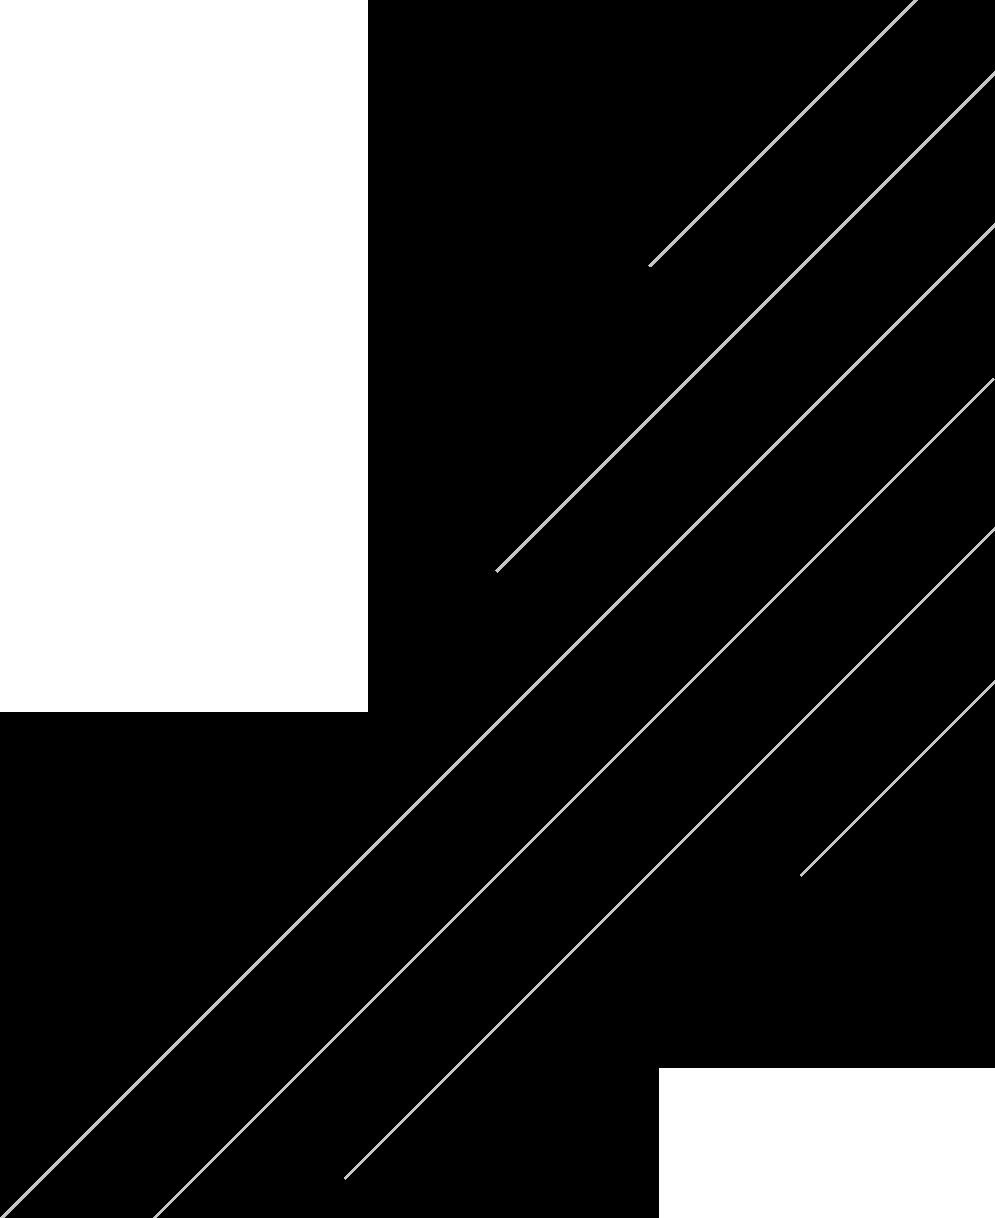 Linework-Diagonal